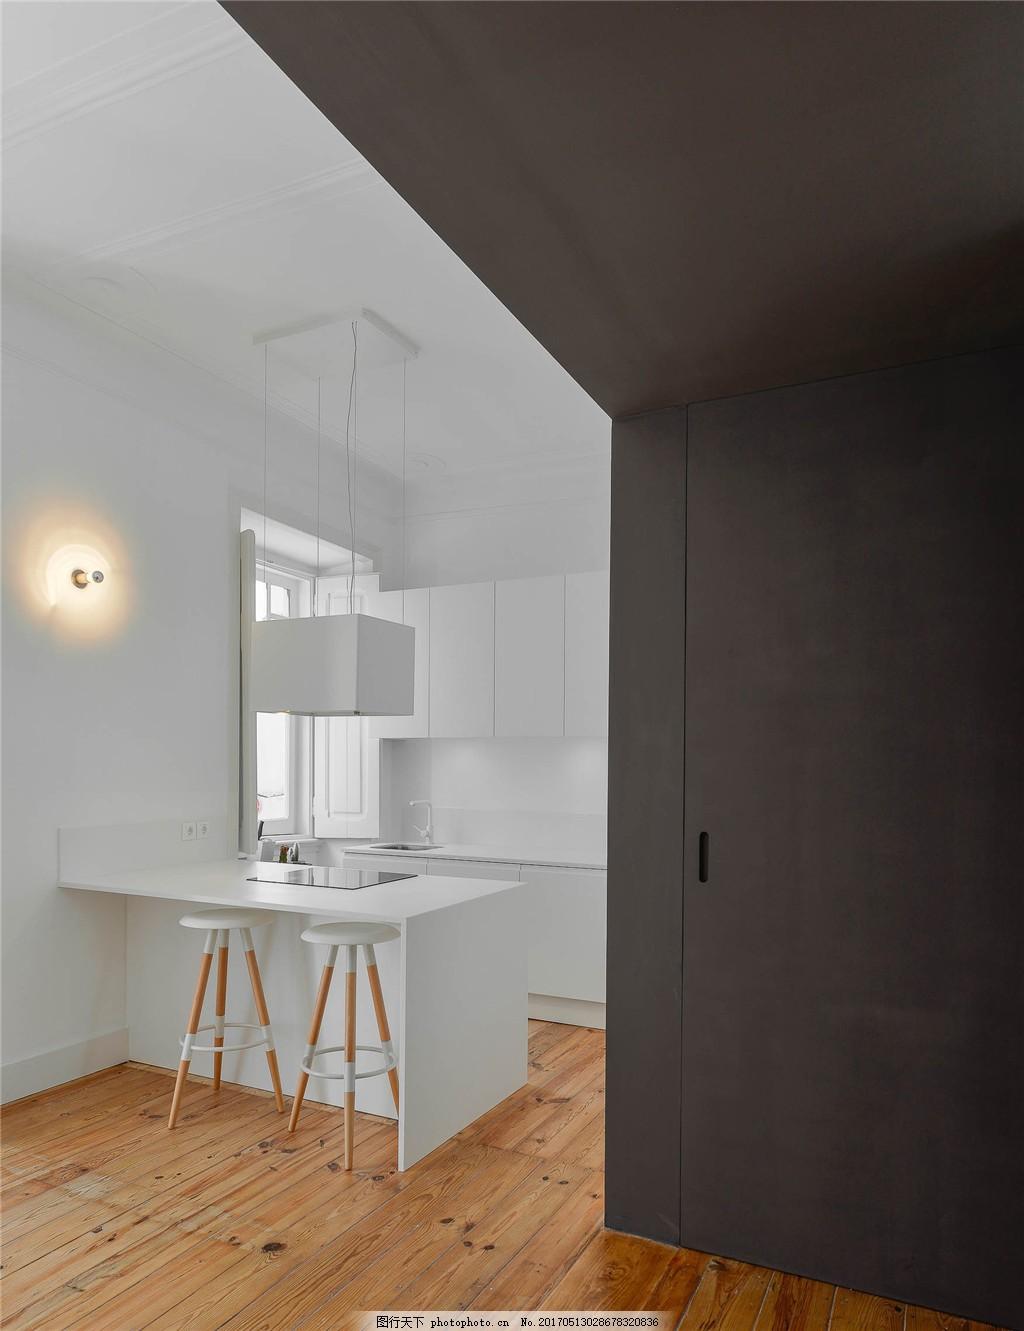 现代港式白色系厨房简装效果图 室内设计 家装效果图 现代装修效果图